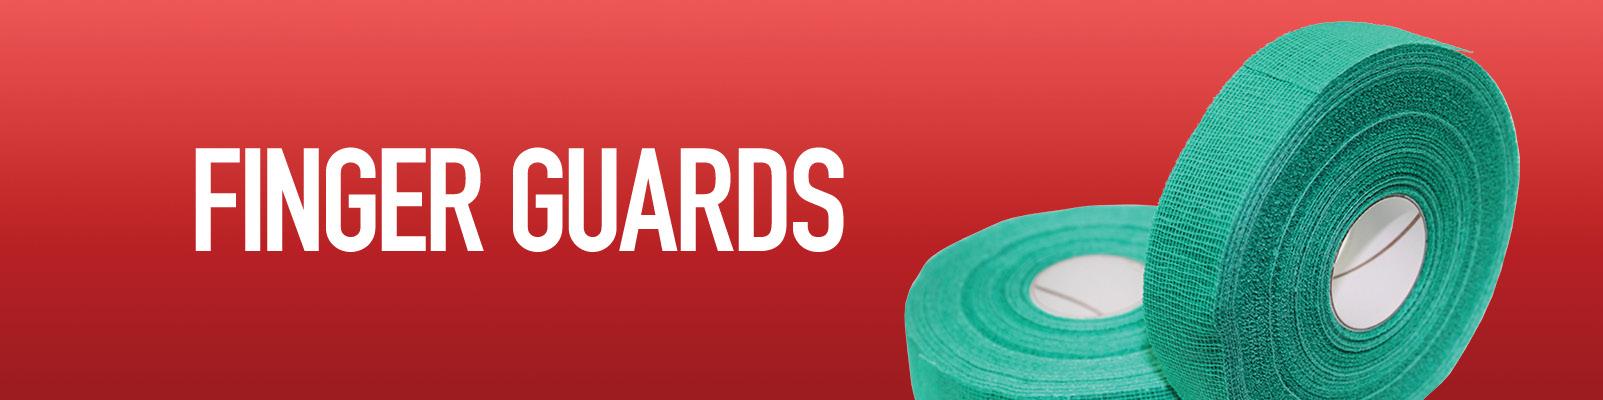 Finger Guards